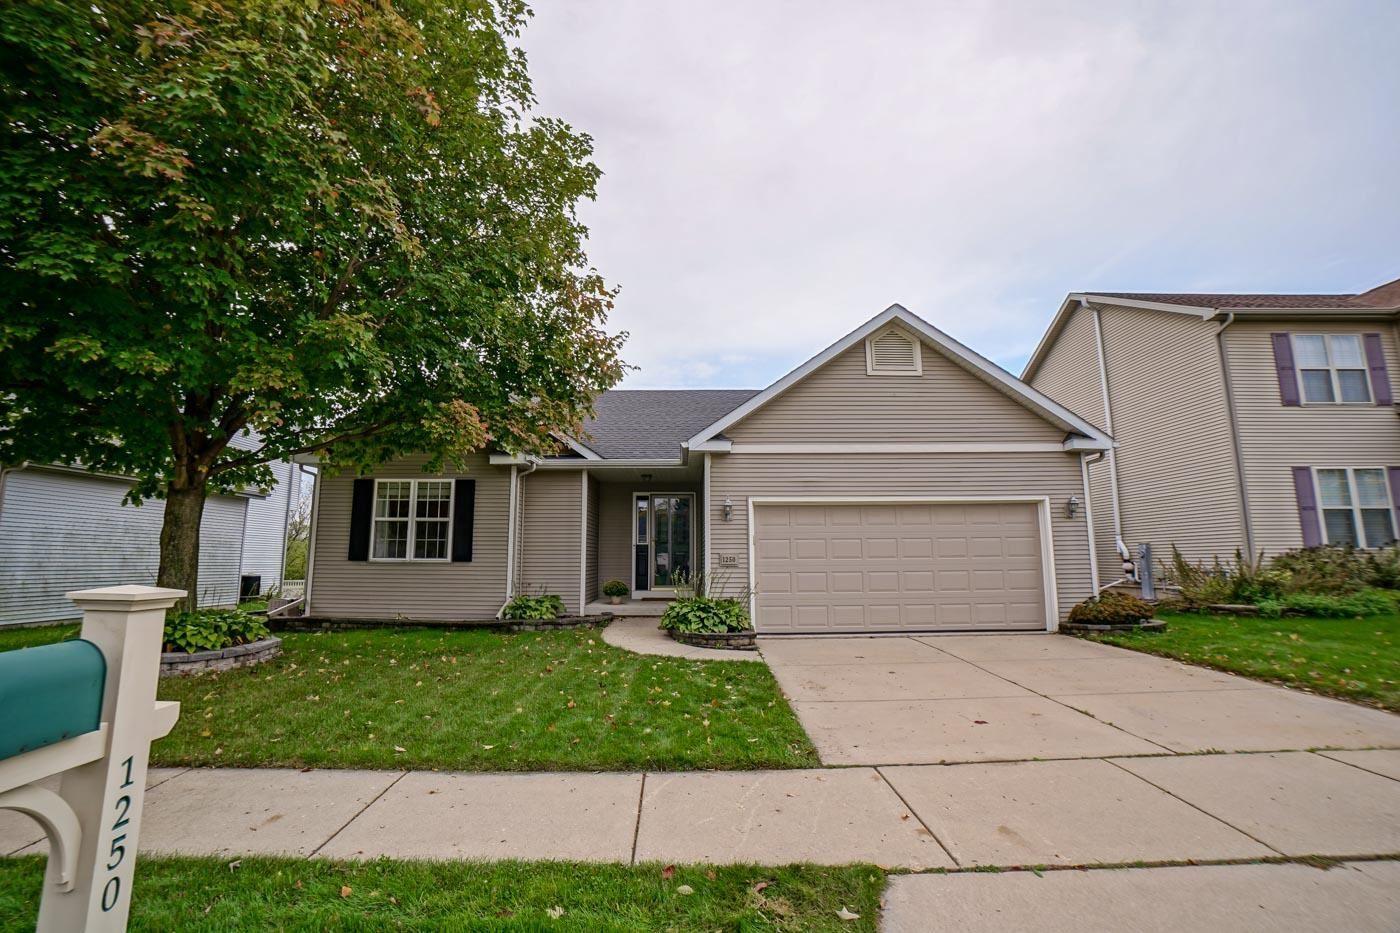 1250 Twinleaf Ln, Madison, WI 53719 - #: 1921856